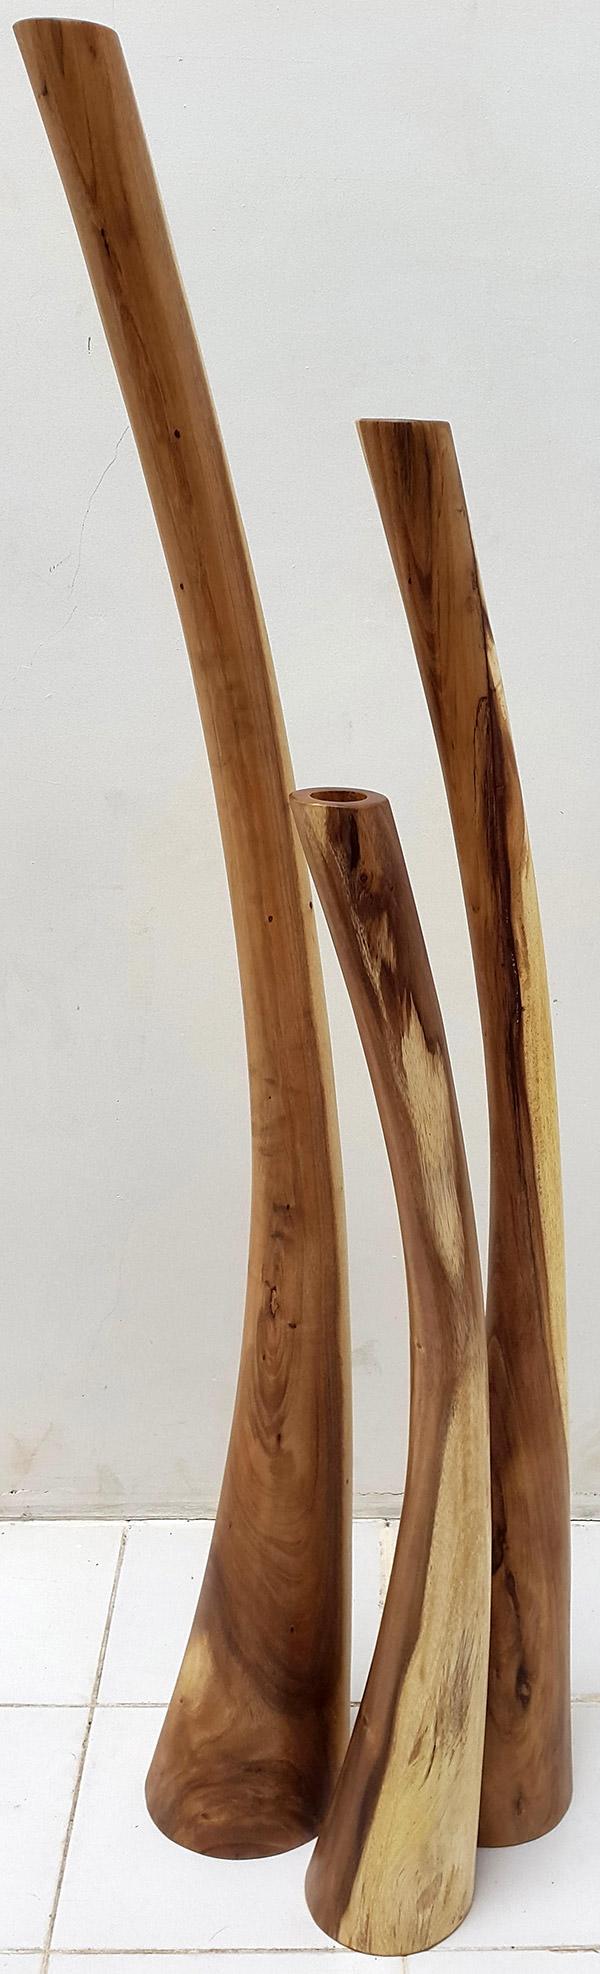 wooden standing deco